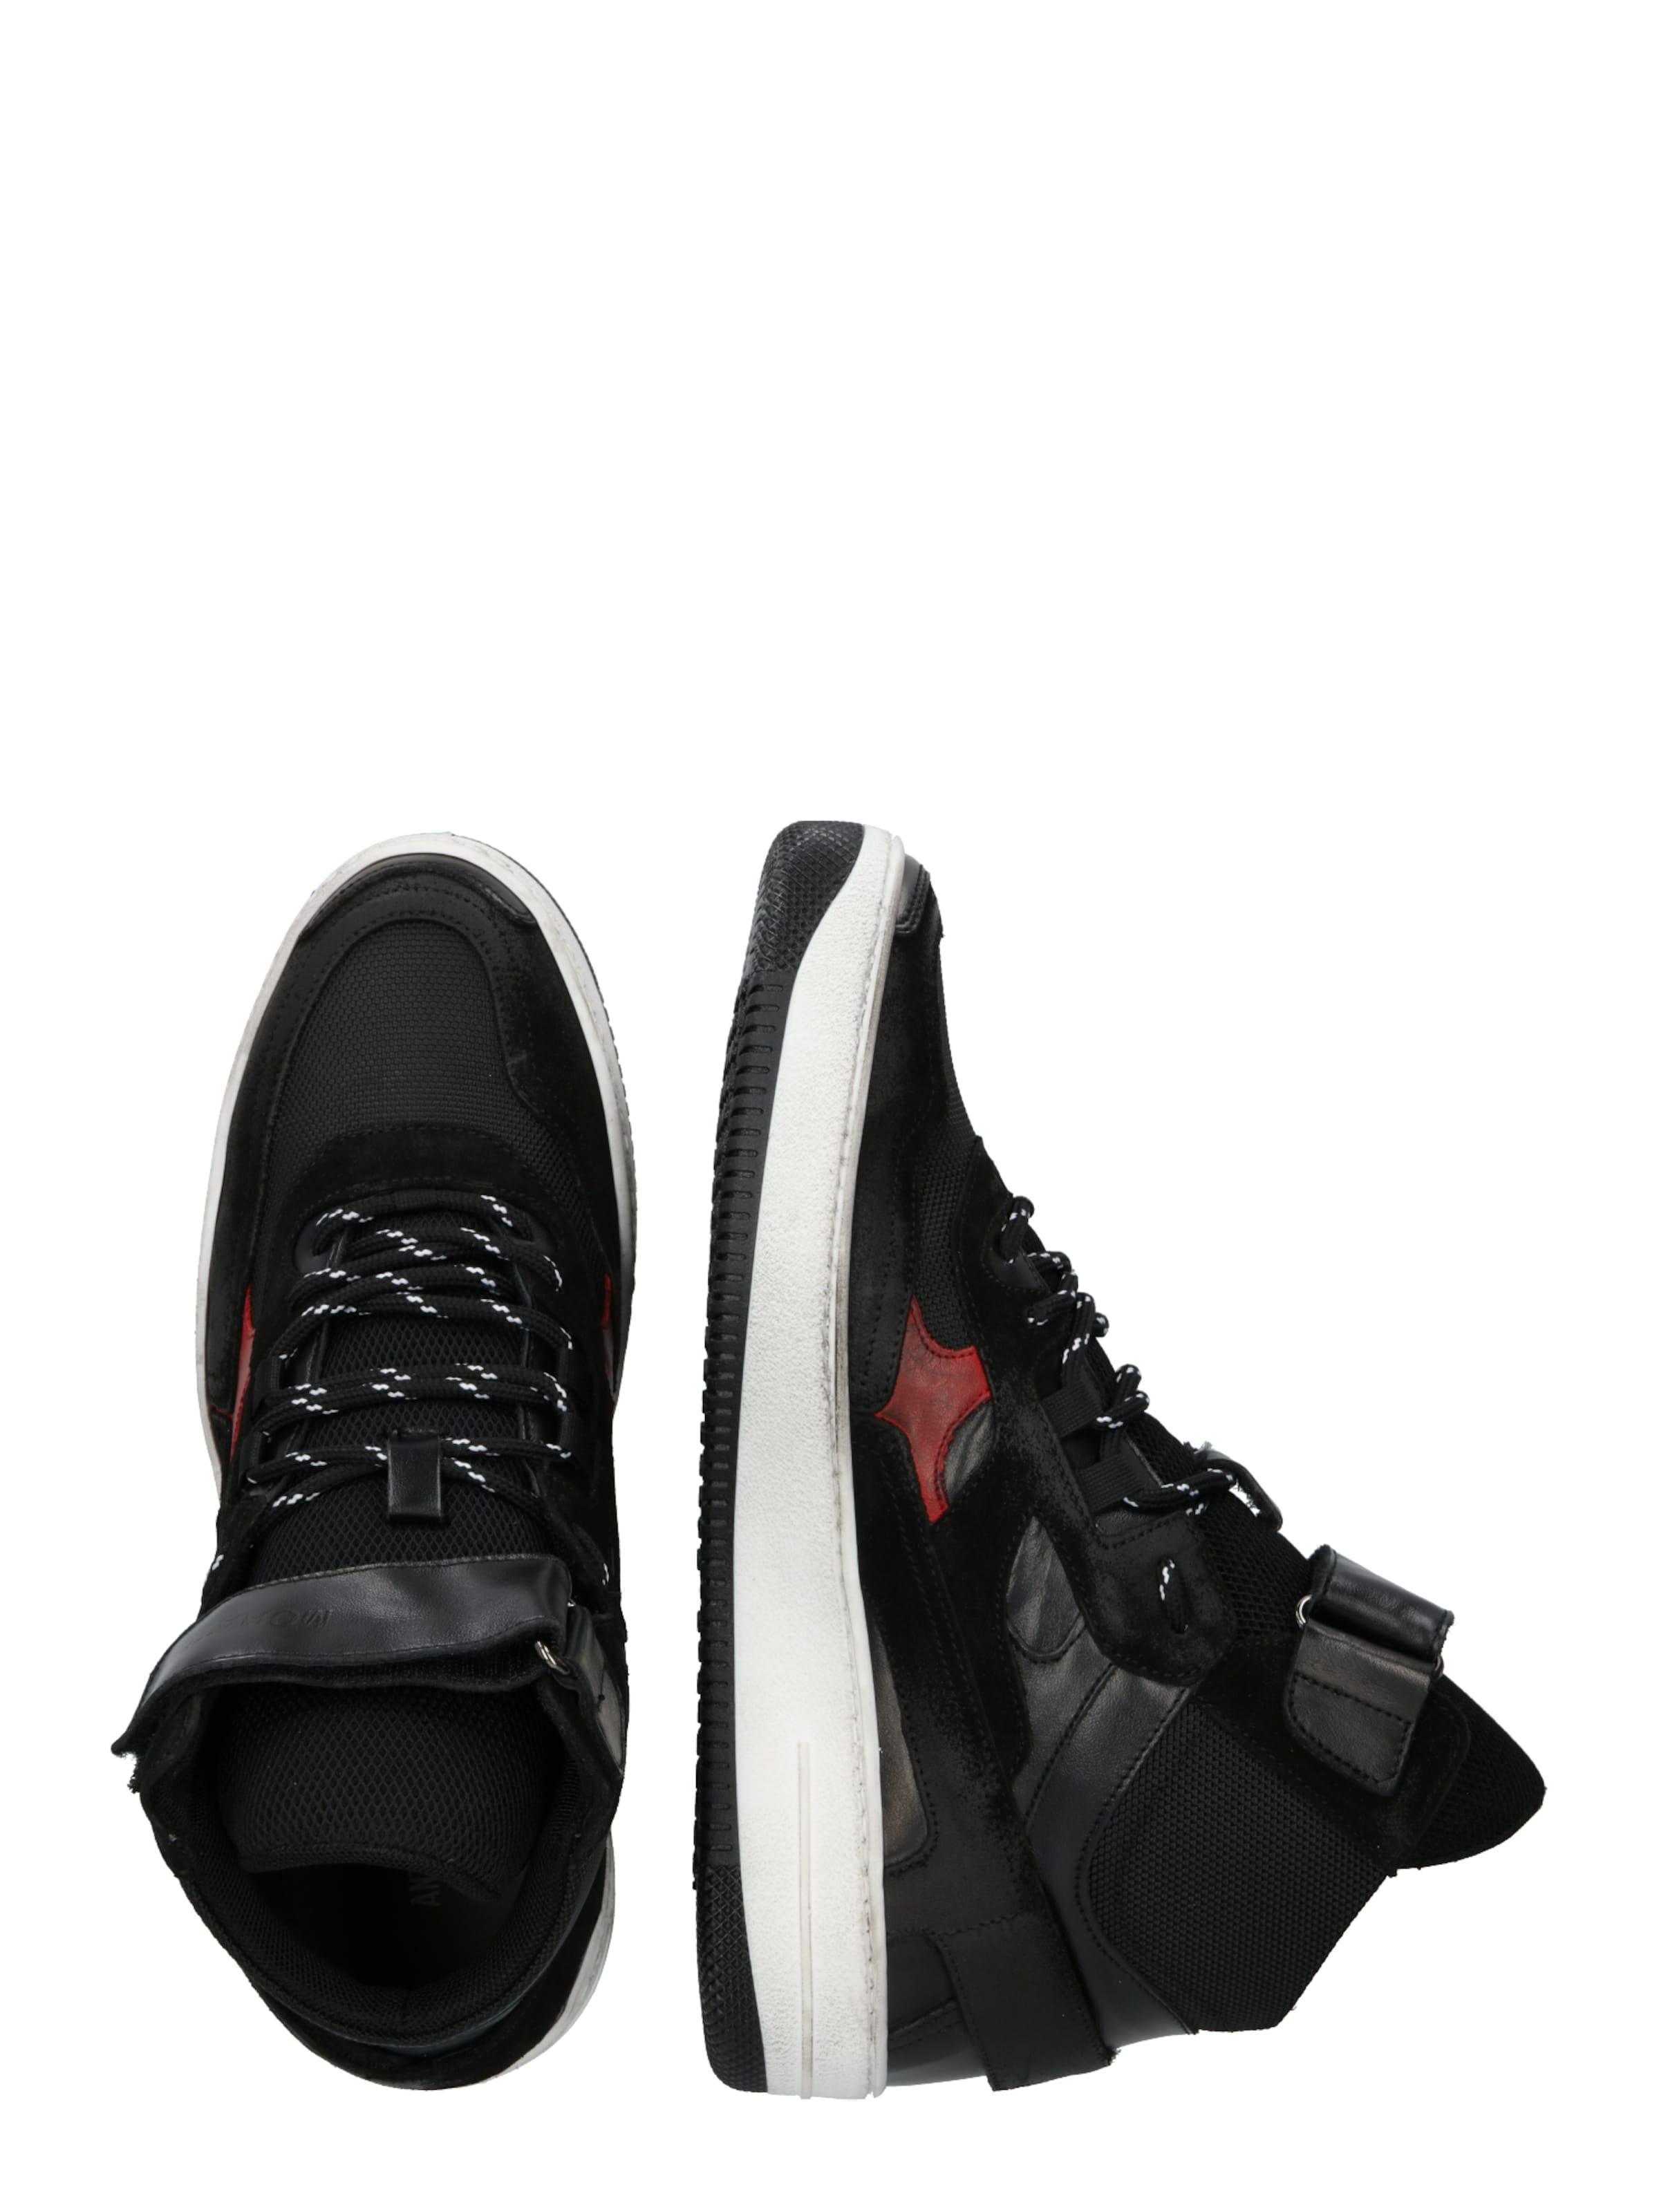 Morato Antony Schwarz In 'stroke' Sneaker OwTiPZkXu